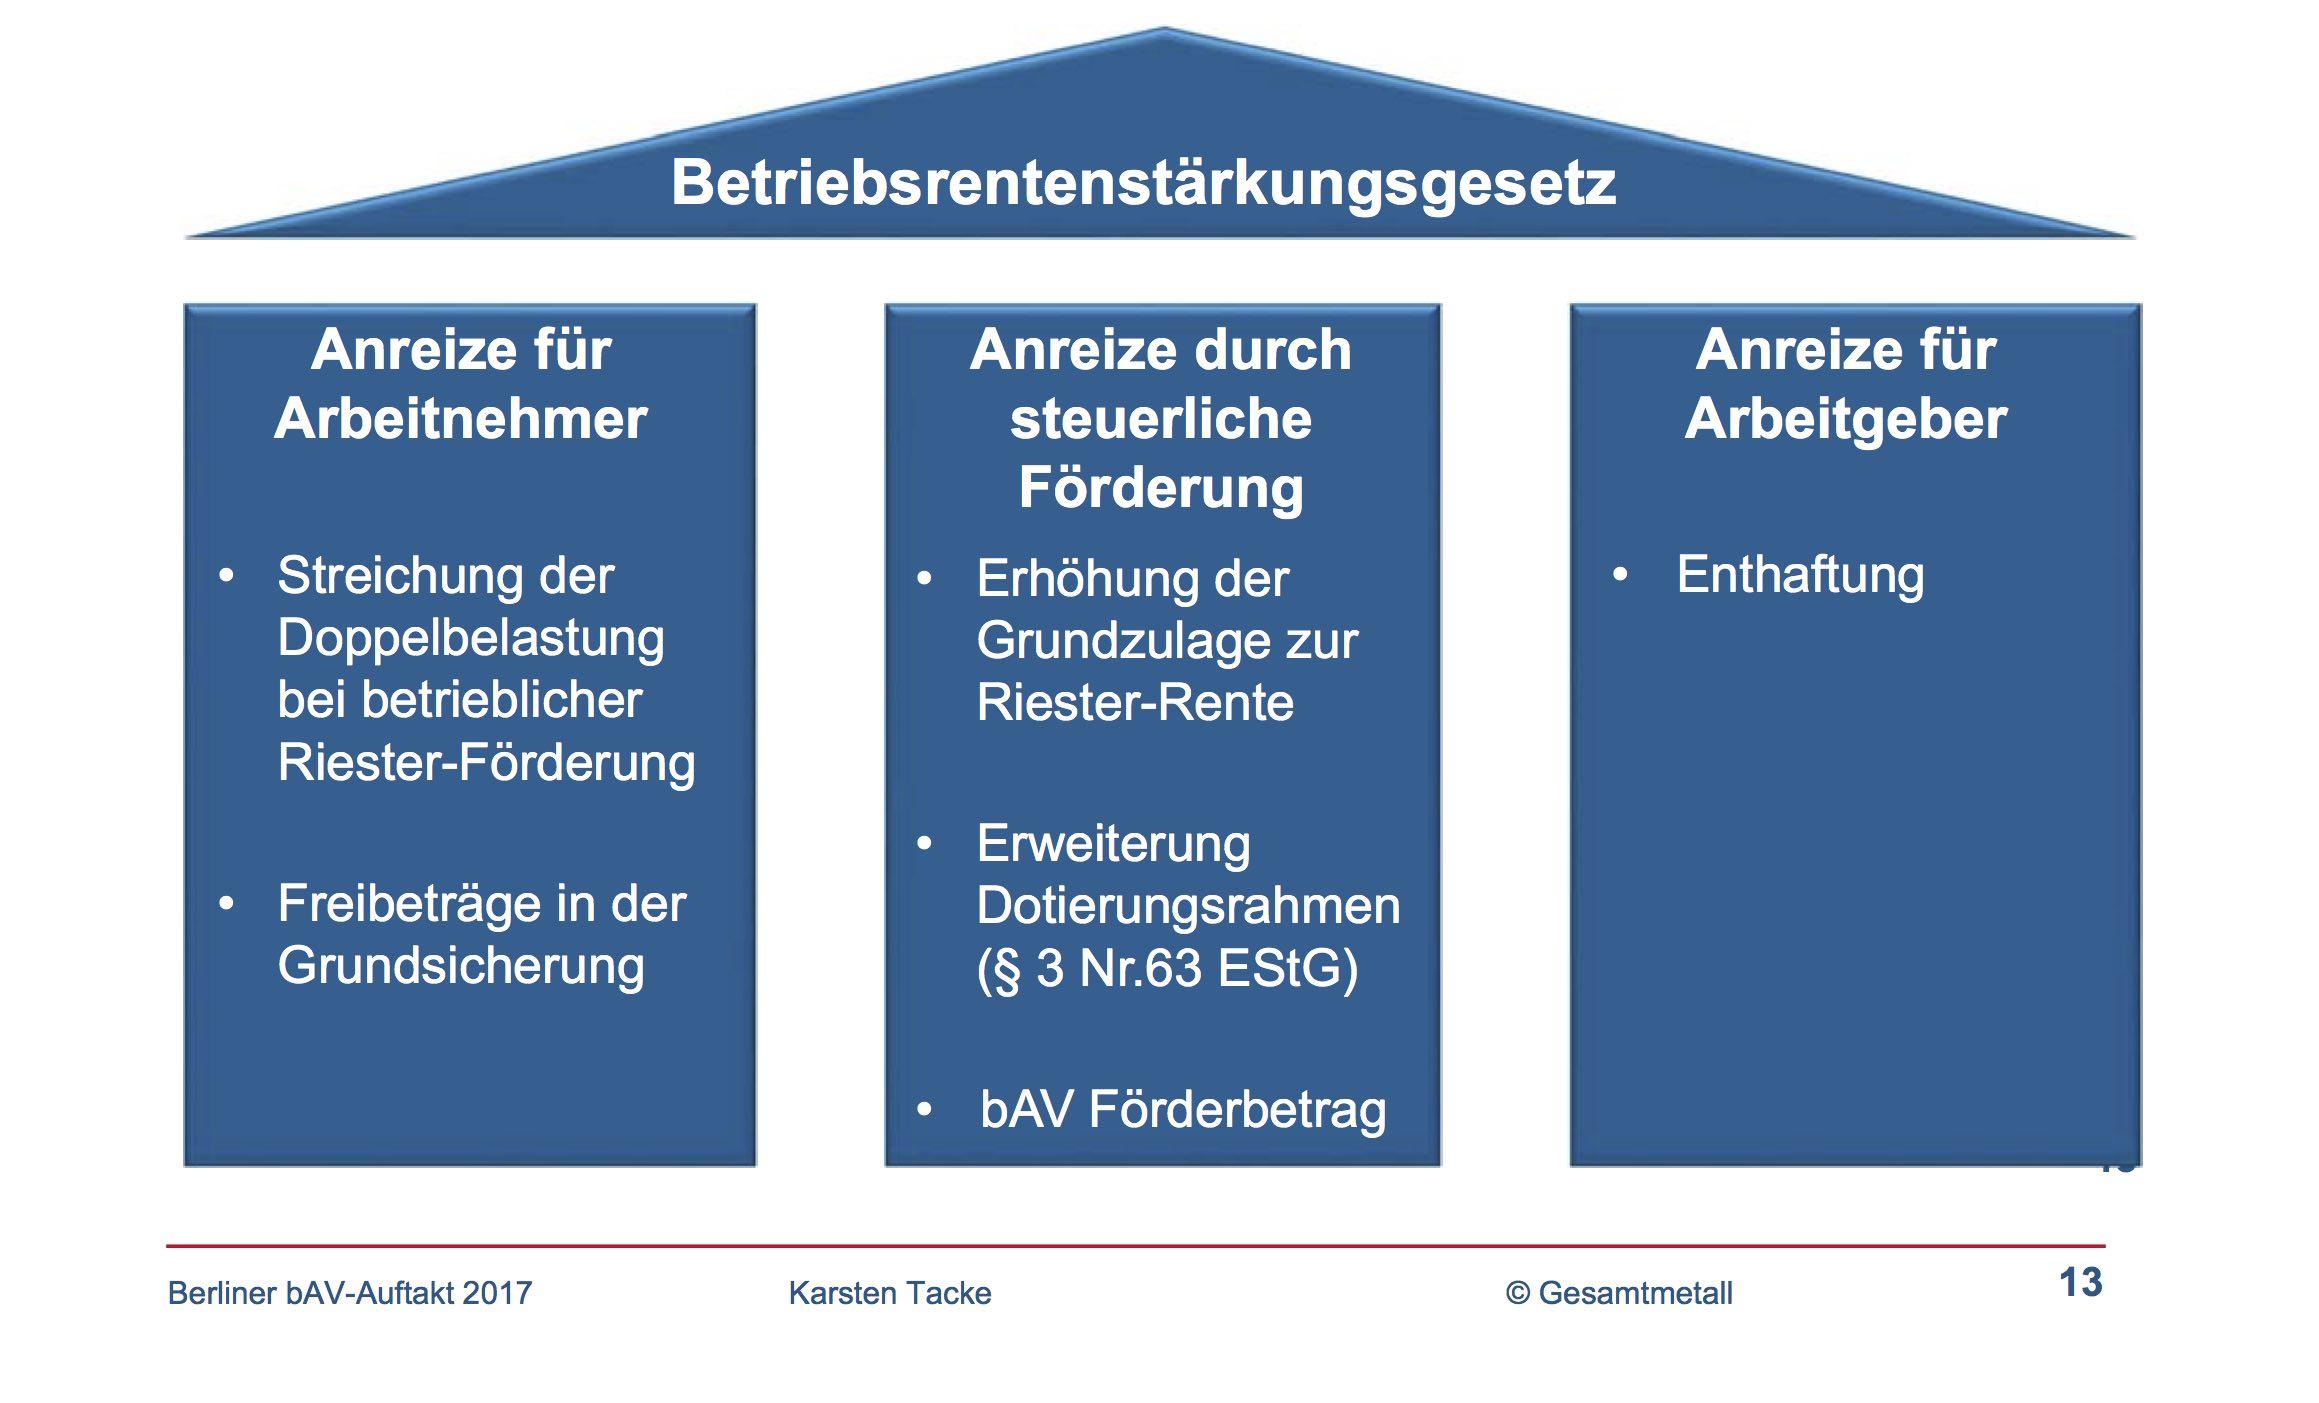 kernpunkte-praesentation-tacke-berliner-bav-auftakt-2-17-i